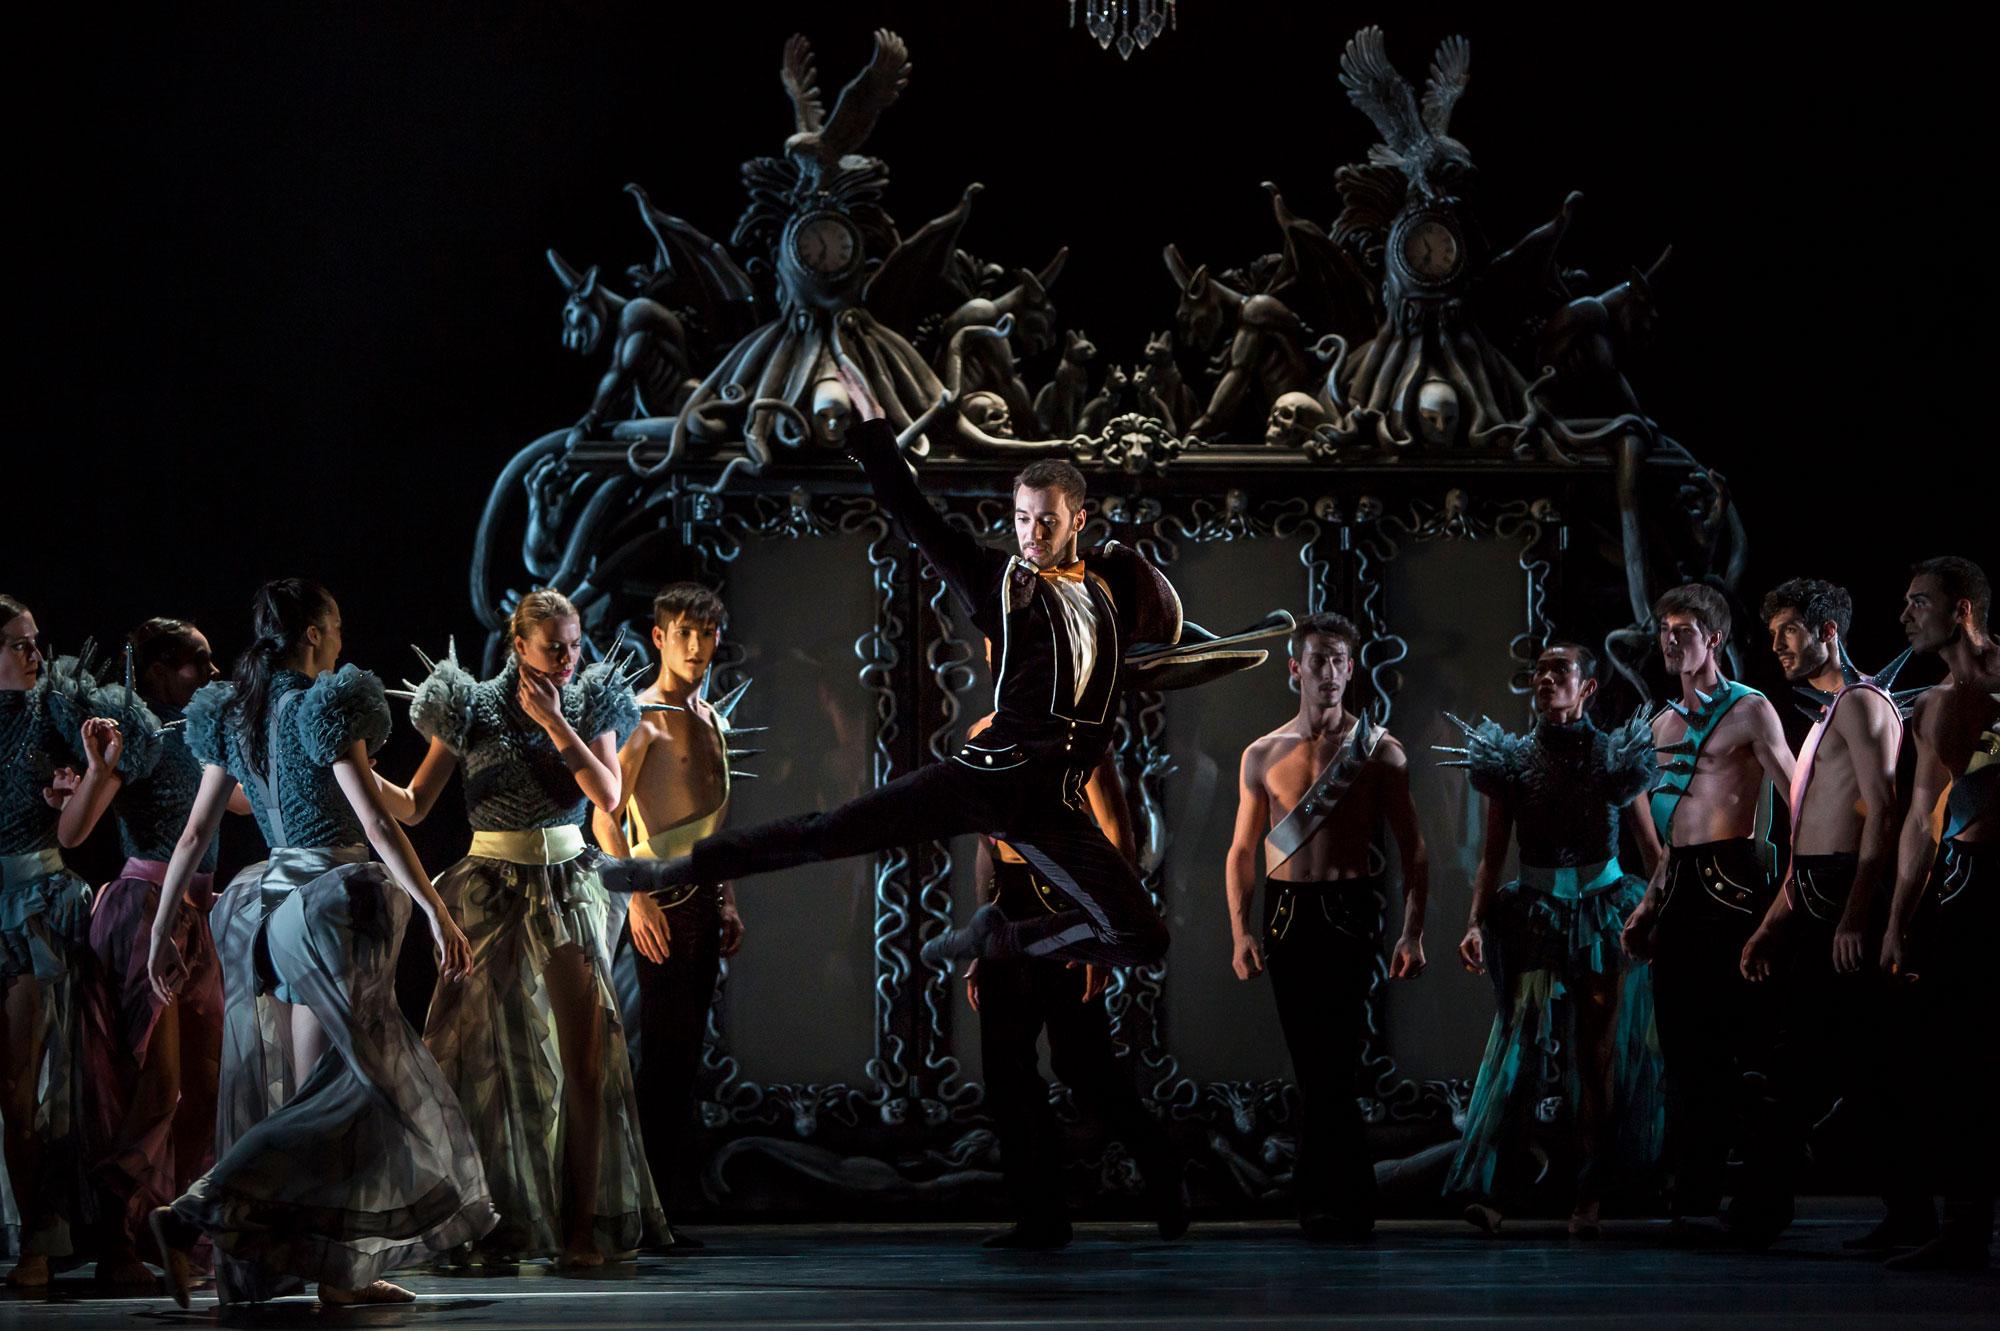 Ballet du Grand Théâtre de Genève, Casse-Noisette de Piotr Illitch Tchaïkovski, novembre 2014. Chorégraphie : Jeroen Verbruggen.  Au centre : Geoffrey Van Dyck (Drosselmeier)